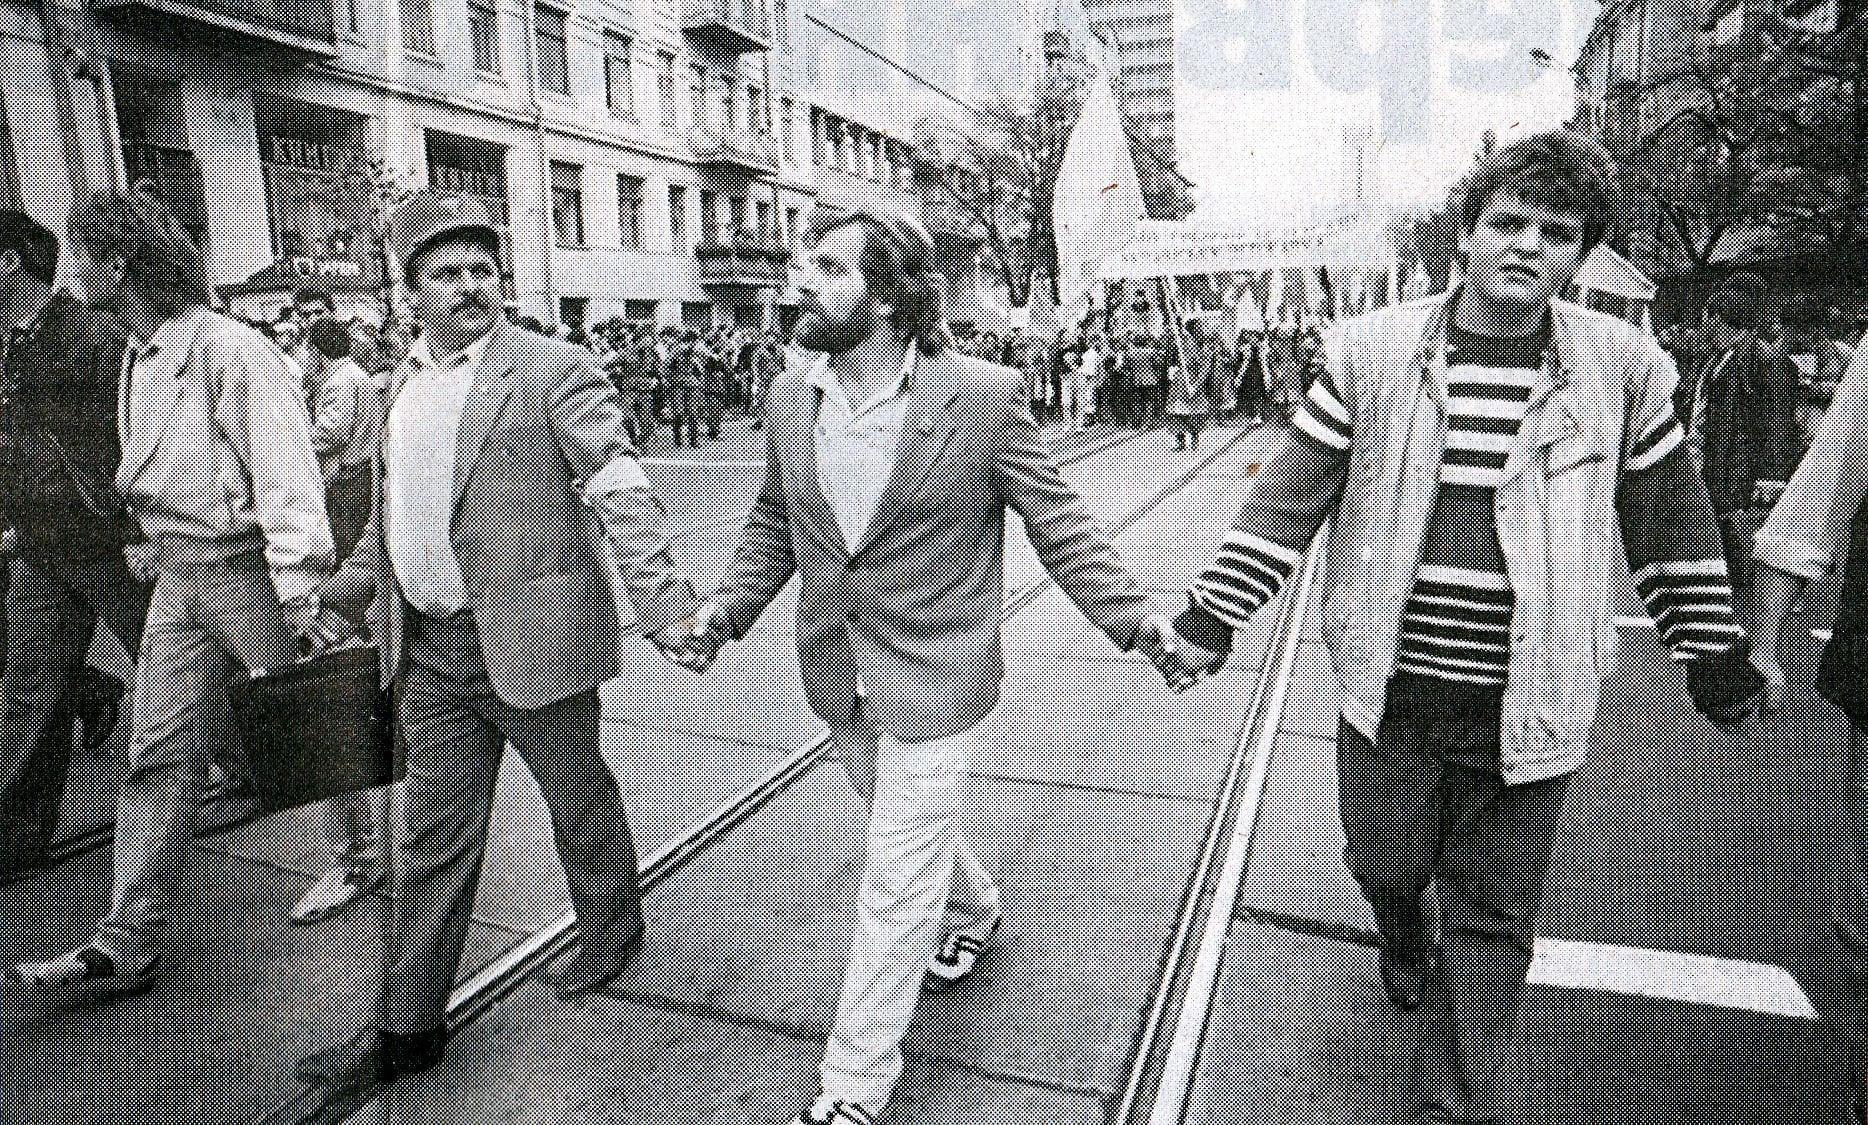 День Єдності 1990 року. Живий ланцюг